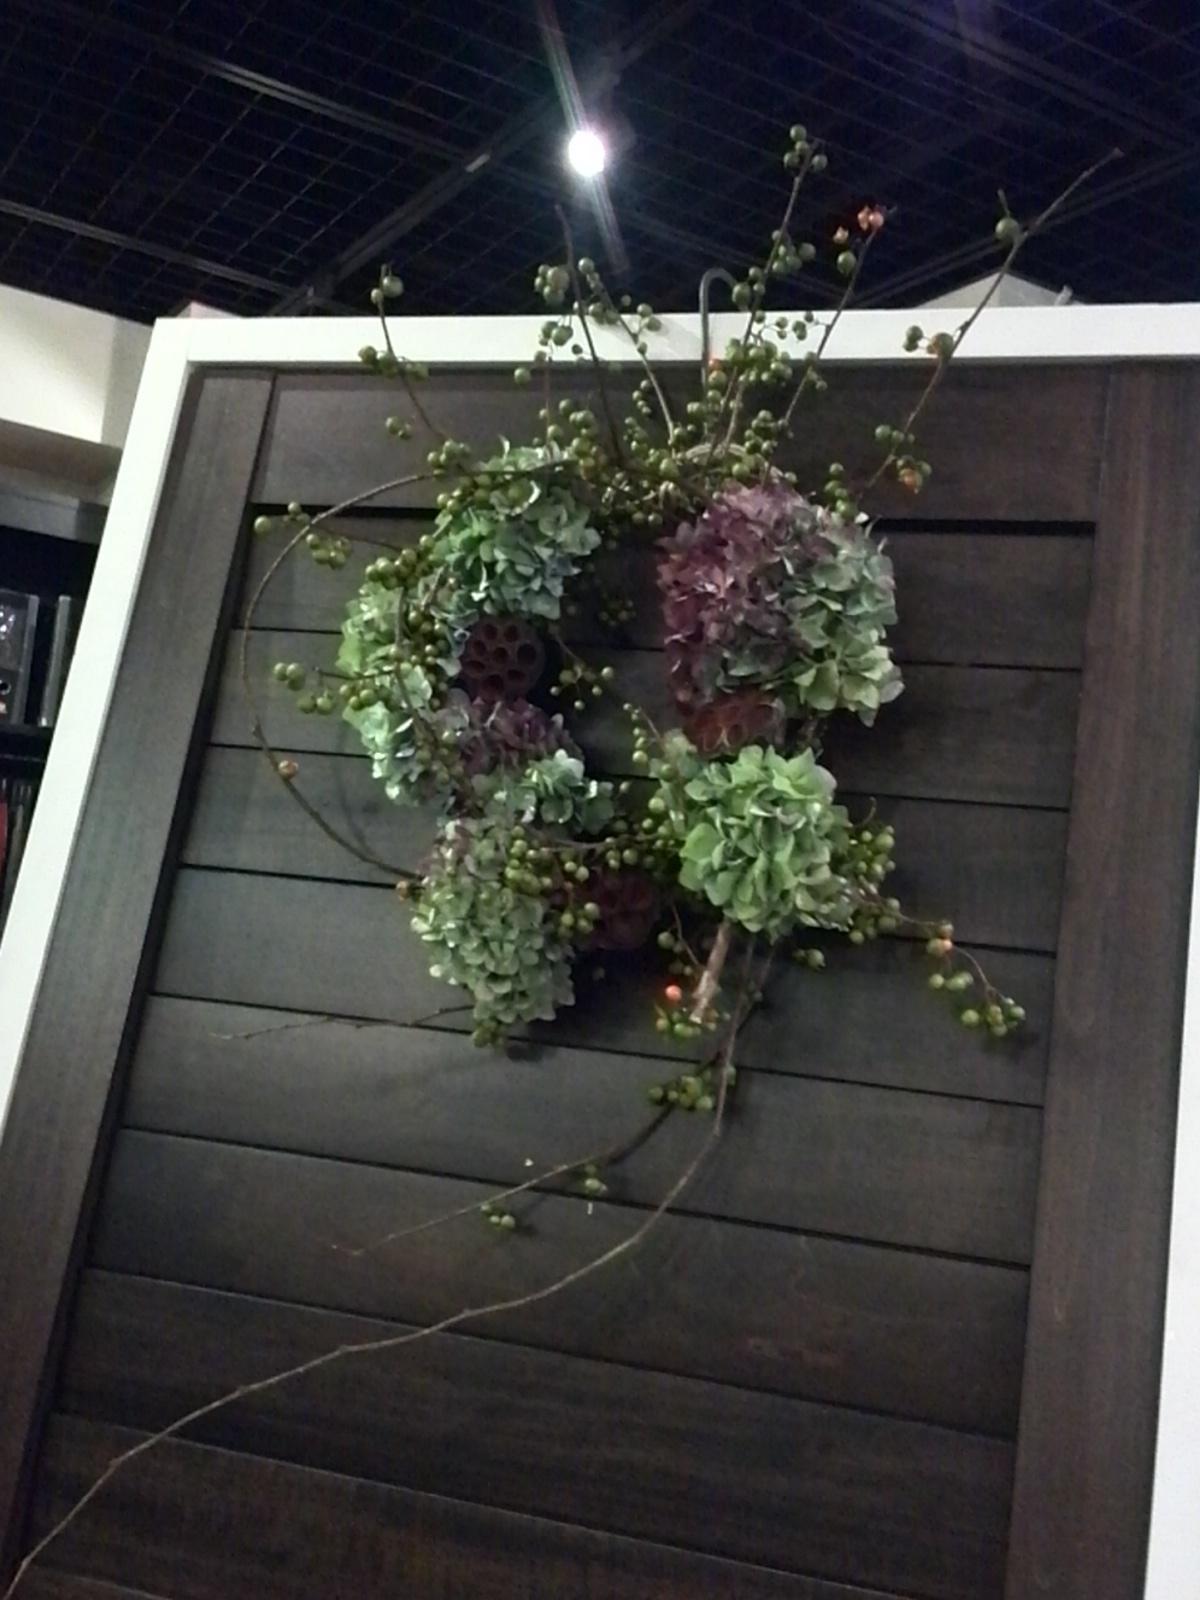 楽しくって美しくって感動! 初めて作った生花のリース♡_f0340942_21245332.jpg